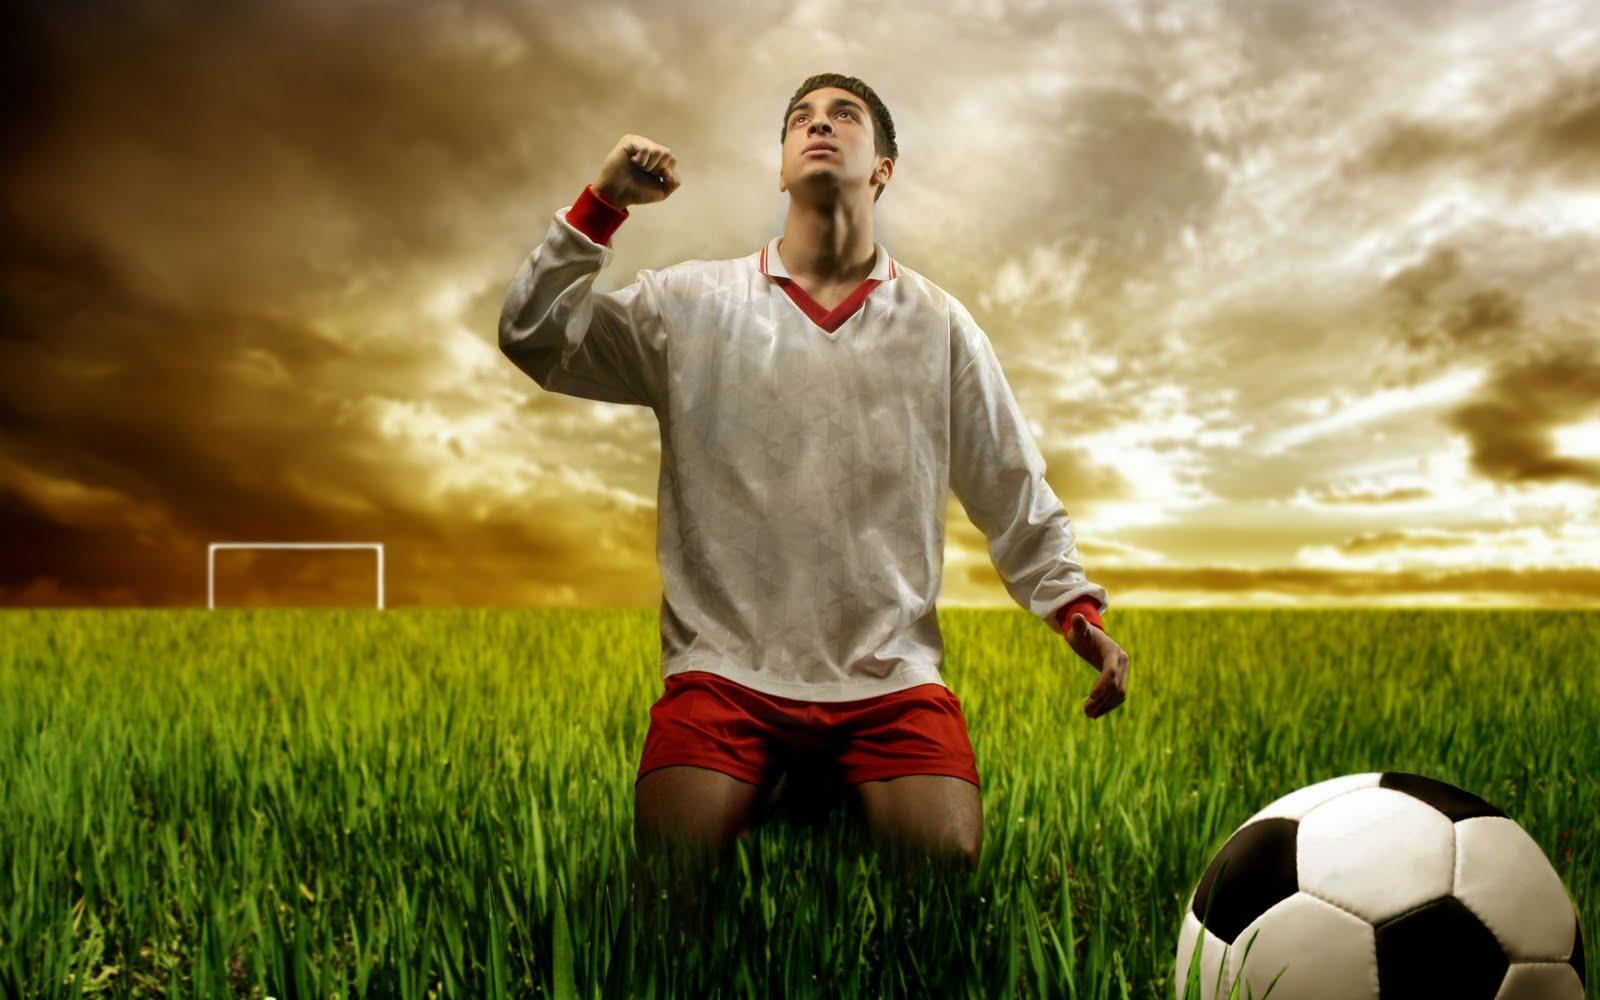 Solo Fútbol: Imagenes Relacionadas Con El Fútbol